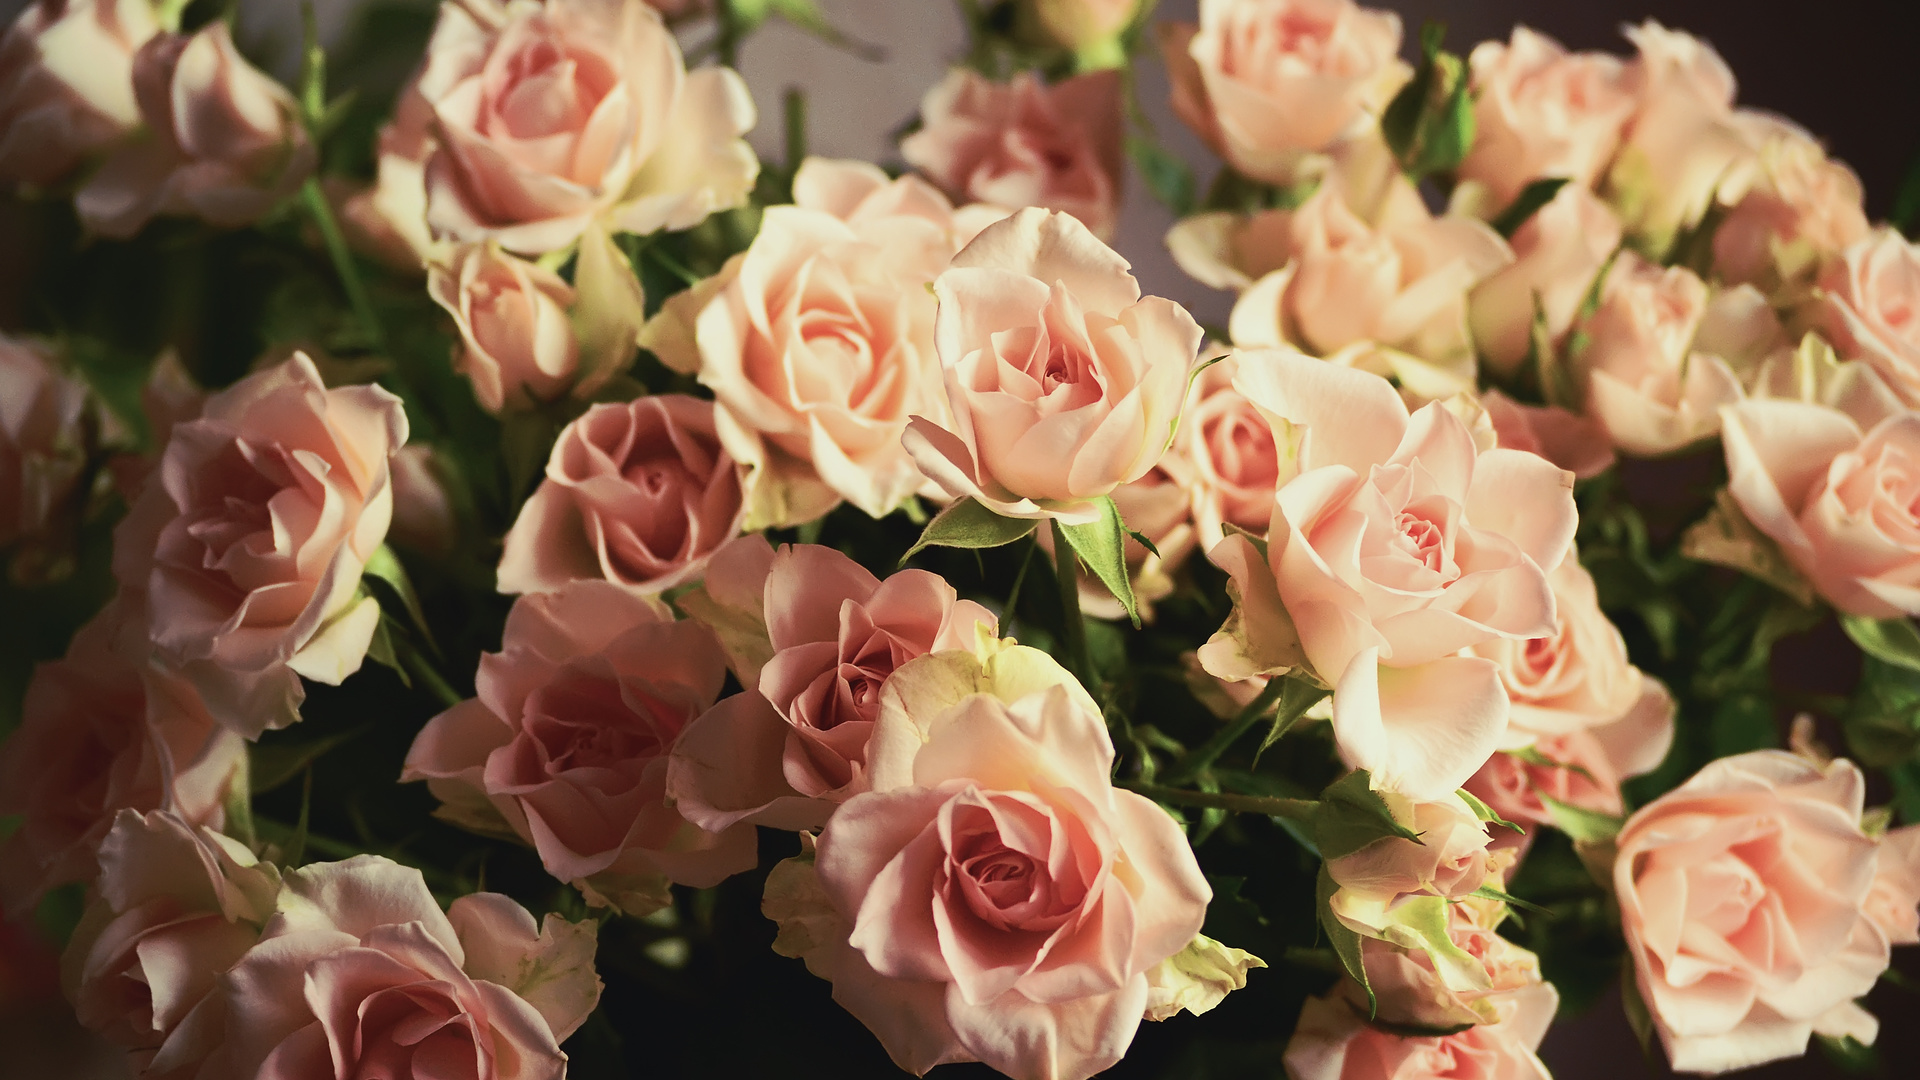 государственном нежные маленькие розы фото полные мужчины, испытывающие